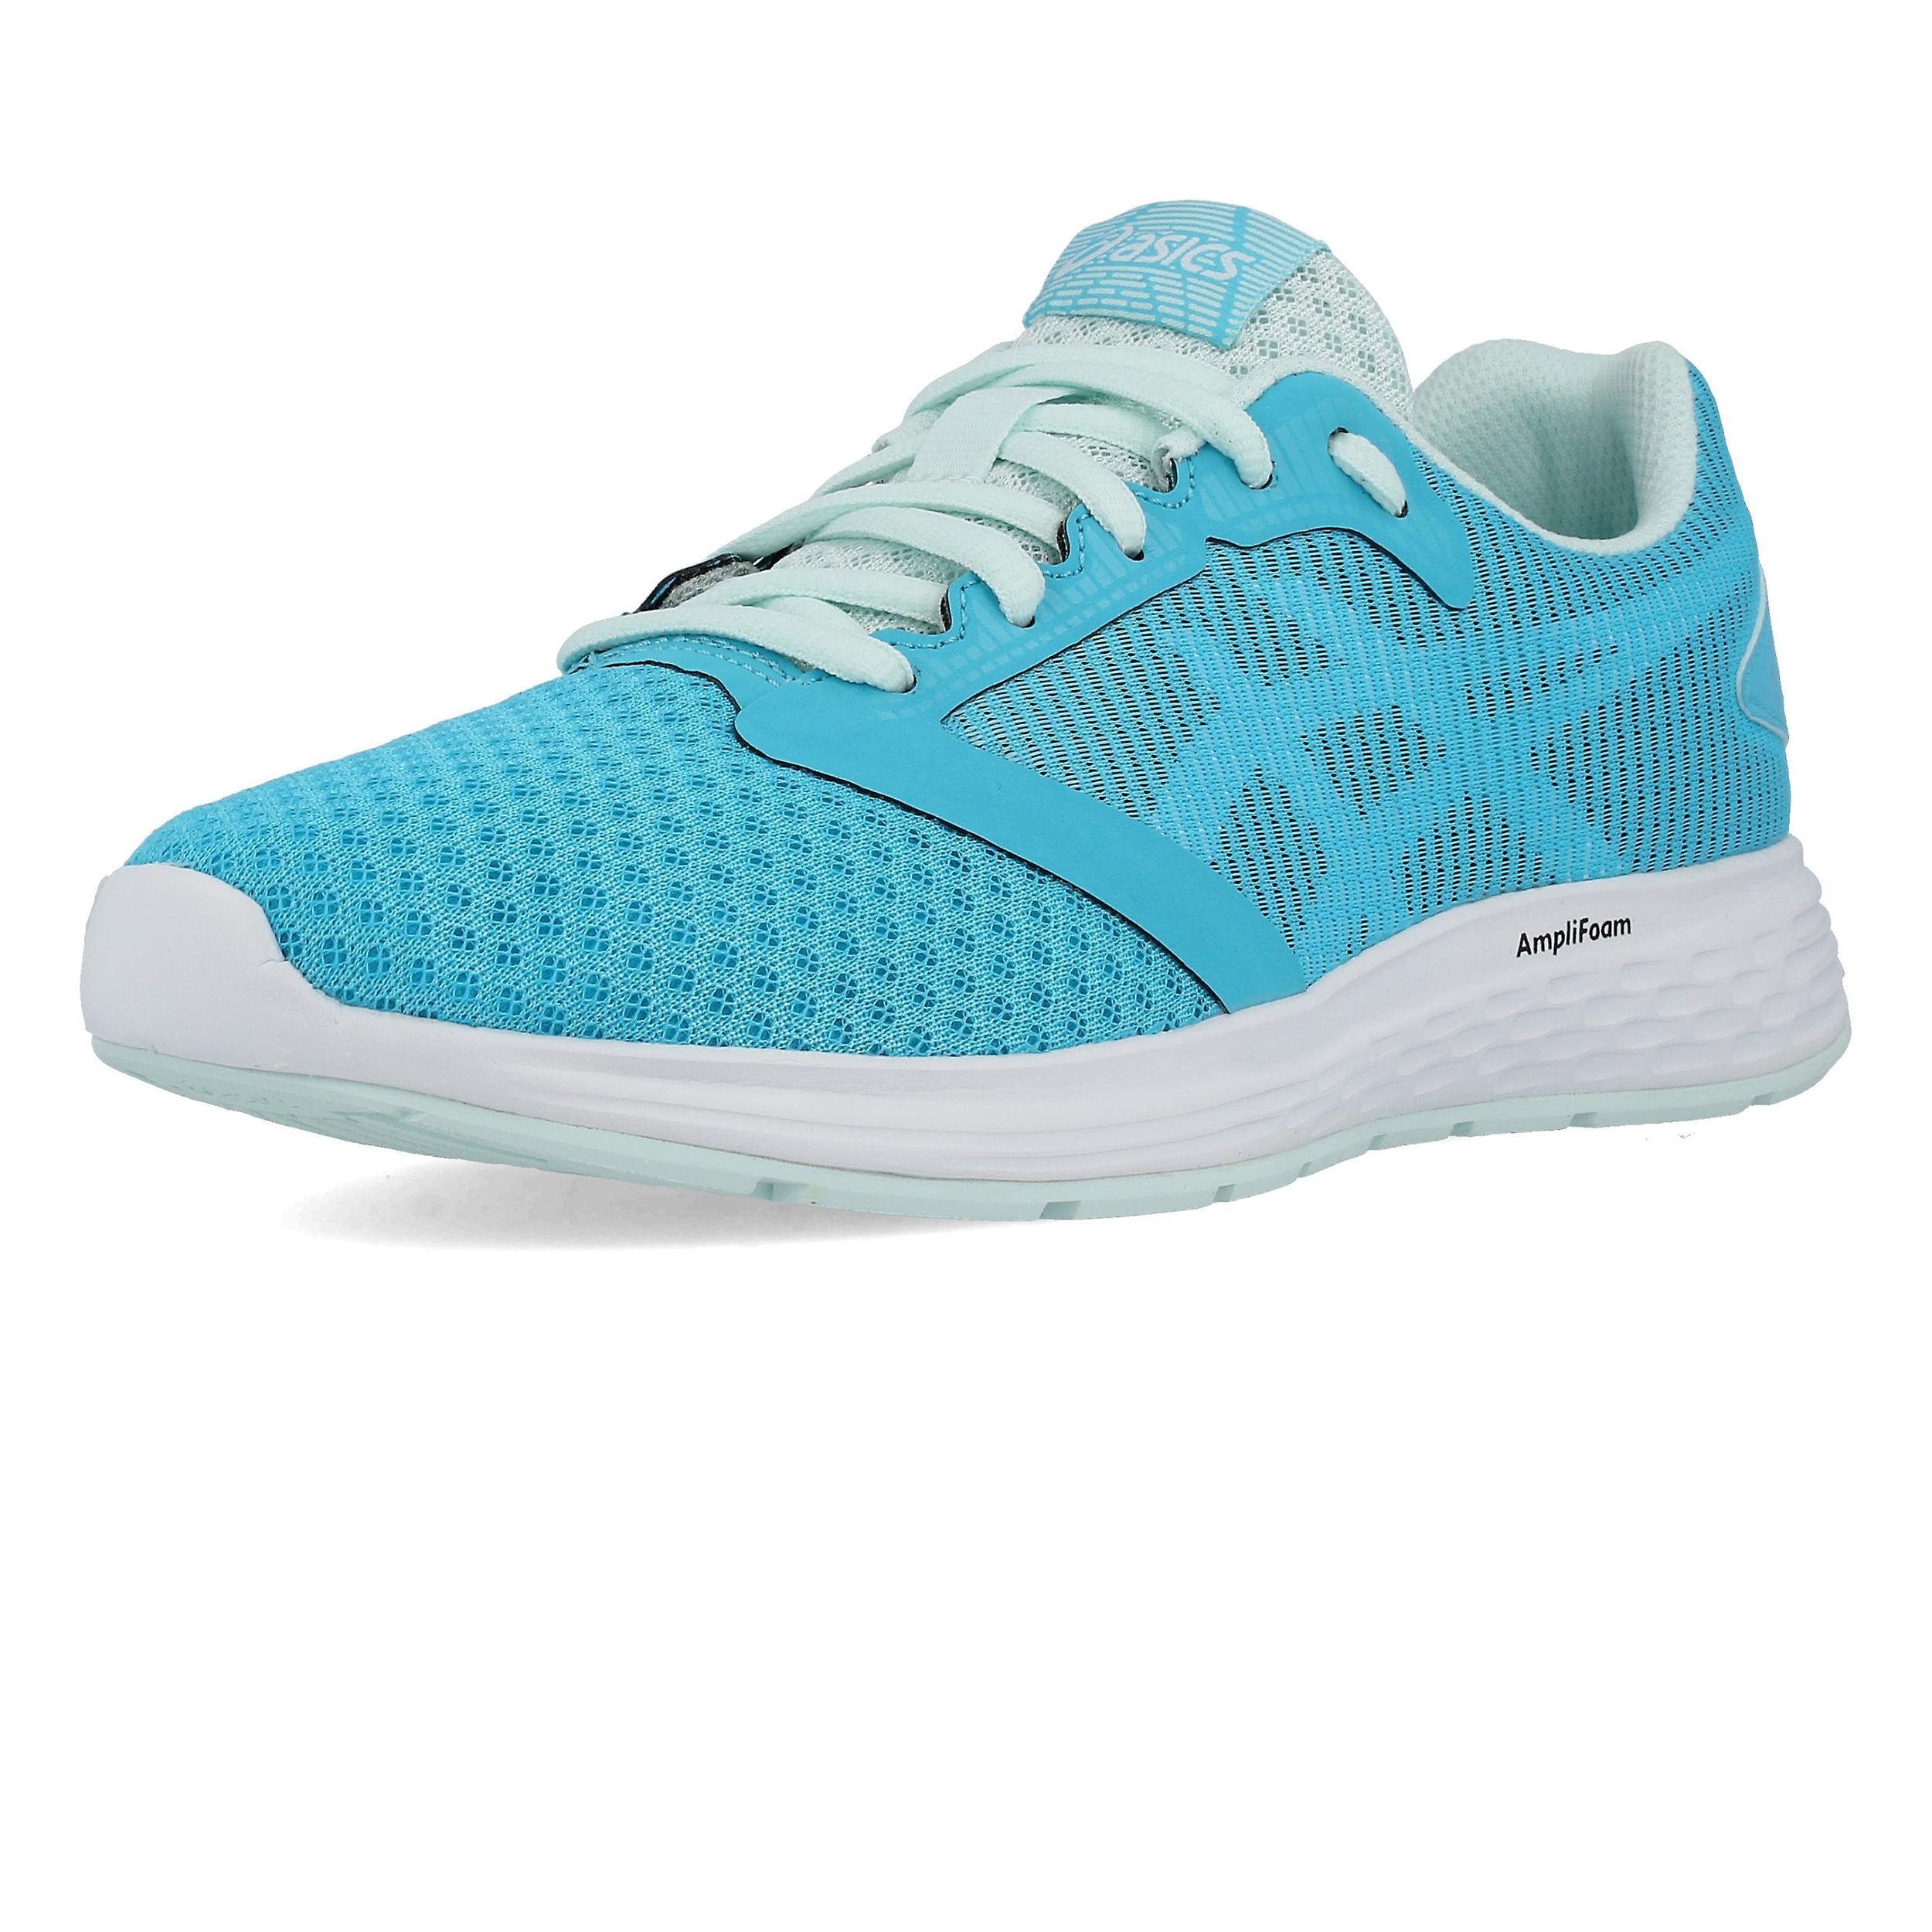 Asics Gel-Patriot 10 GS Junior Running Shoes